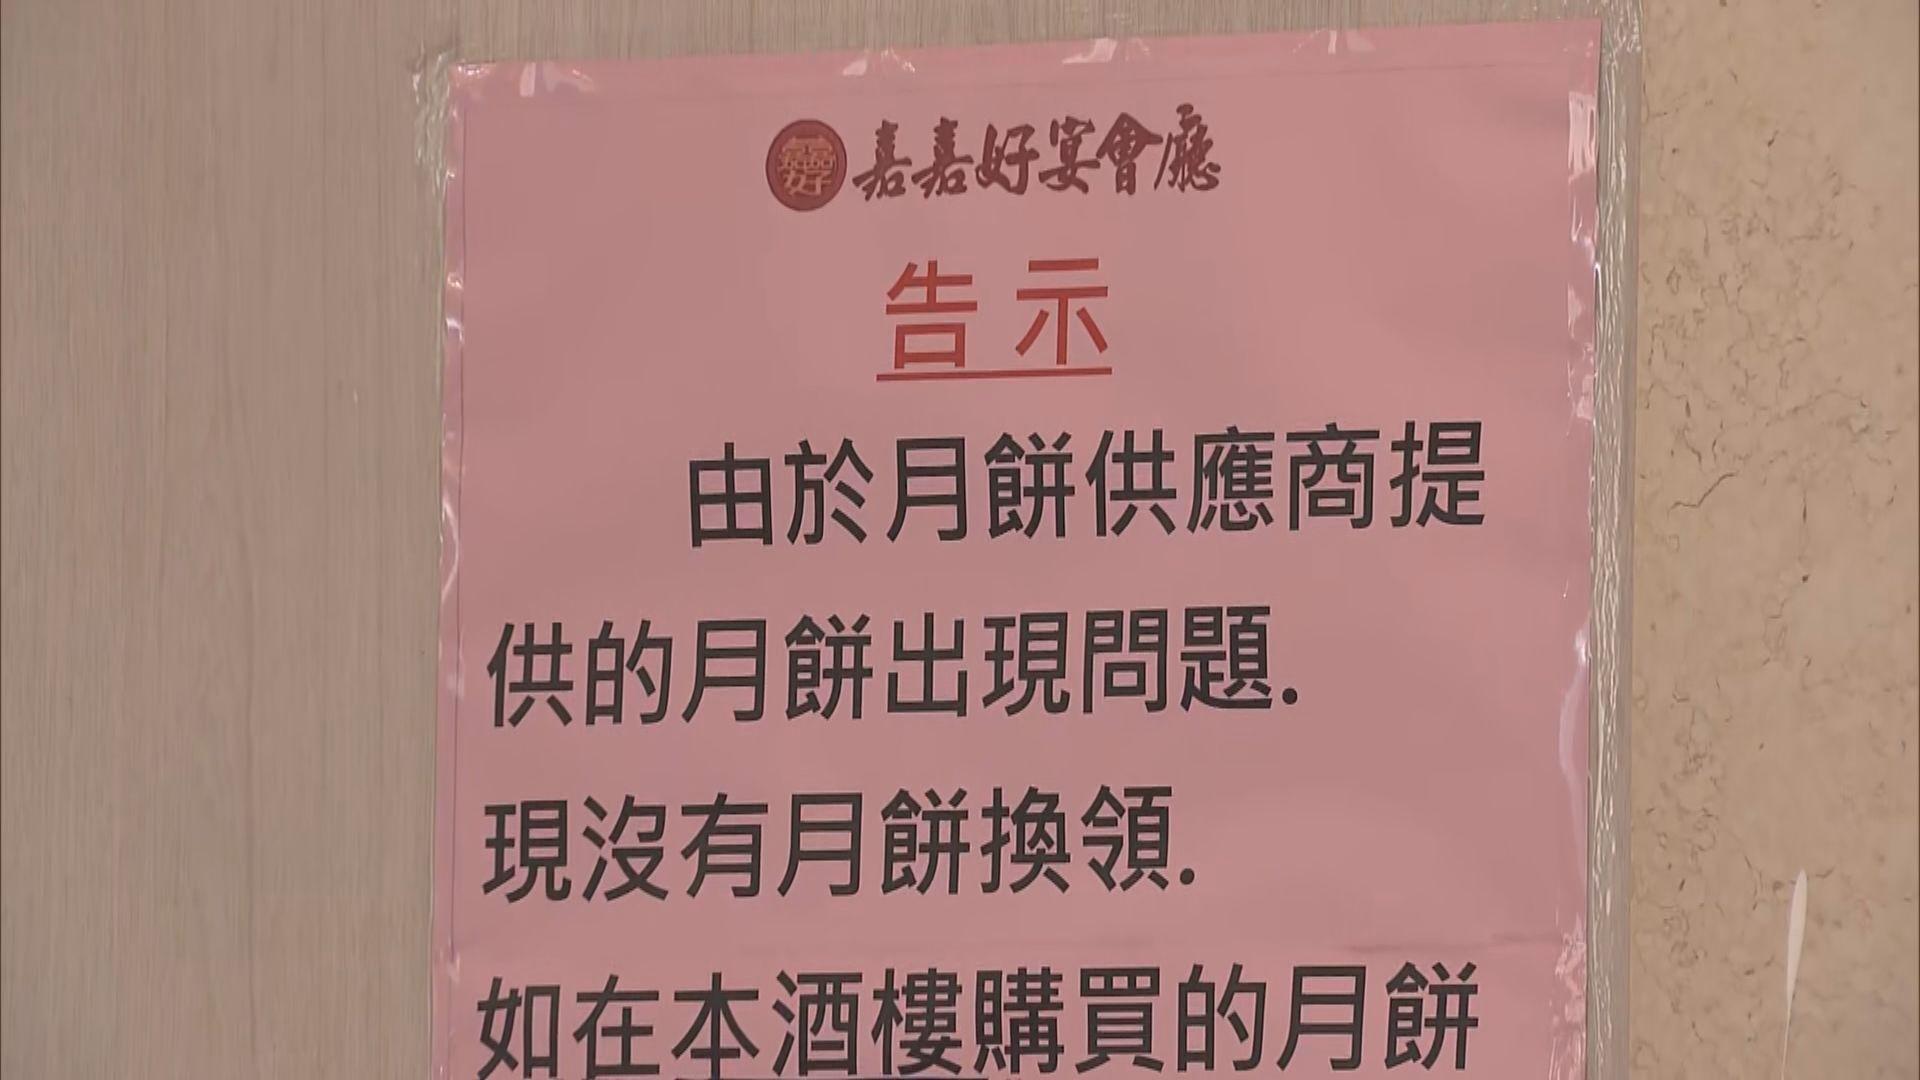 涉售冒牌月餅 元朗嘉嘉好宴會廳稱受騙願向顧客退款